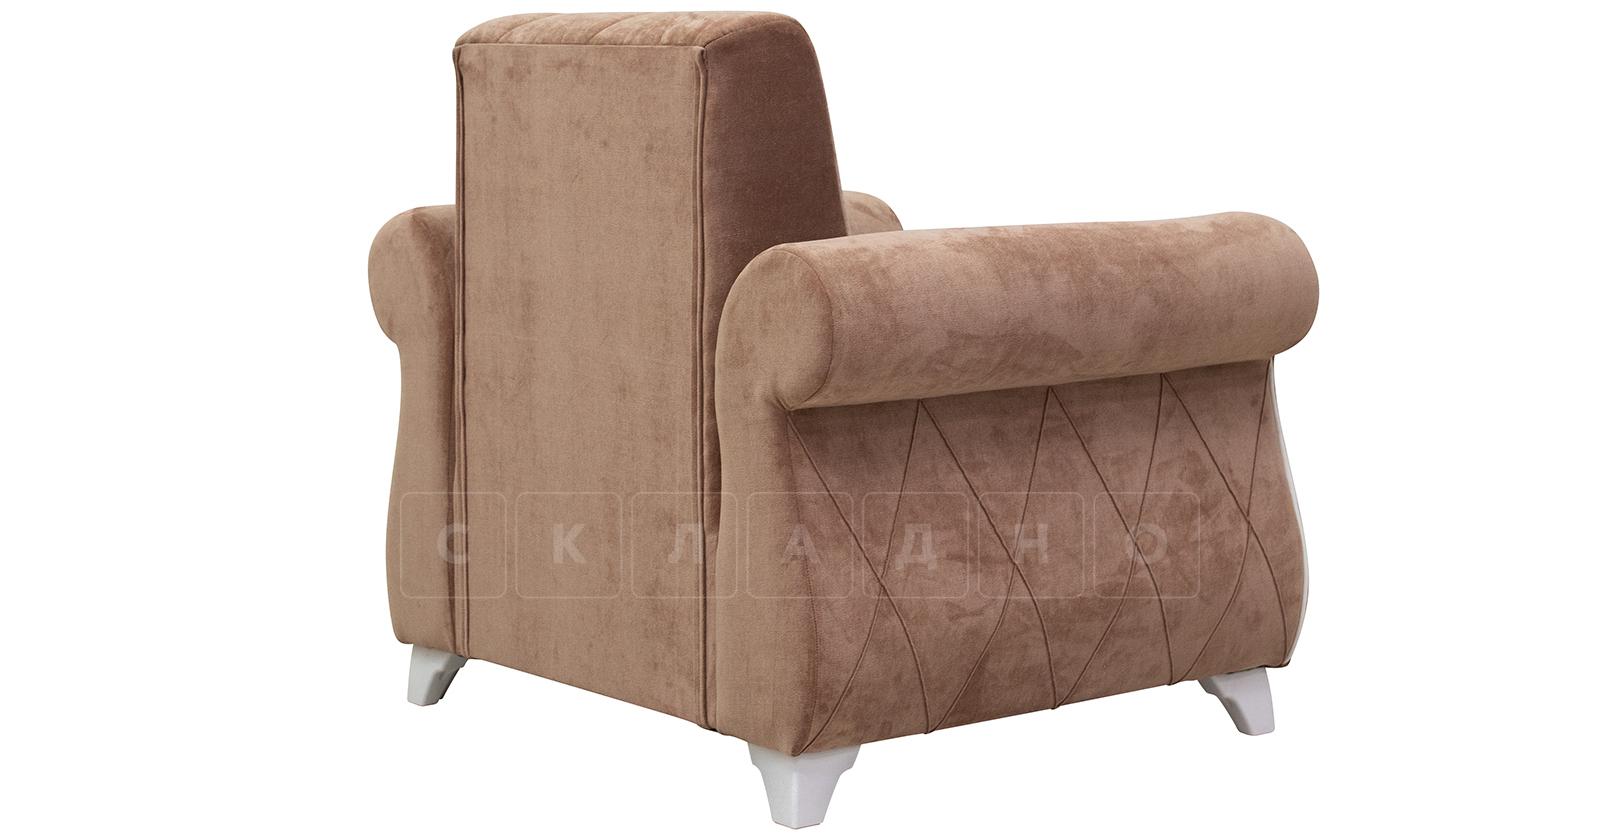 Кресло для отдыха Роза глиняный-коричневый фото 4   интернет-магазин Складно